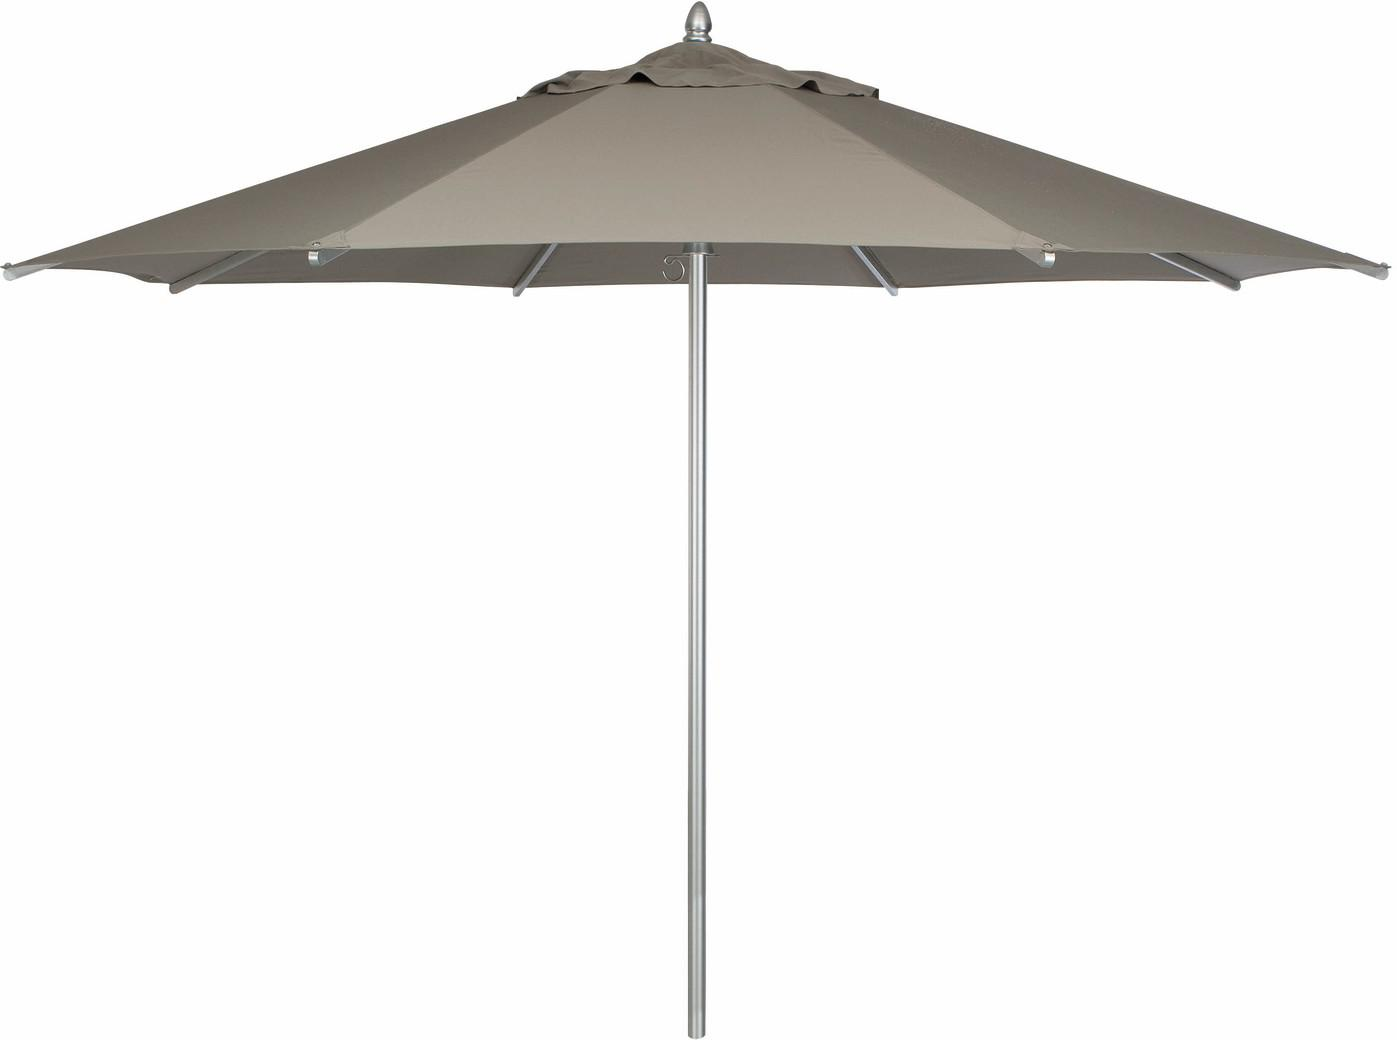 Umbrella - aluminium - Ø350 - taupe